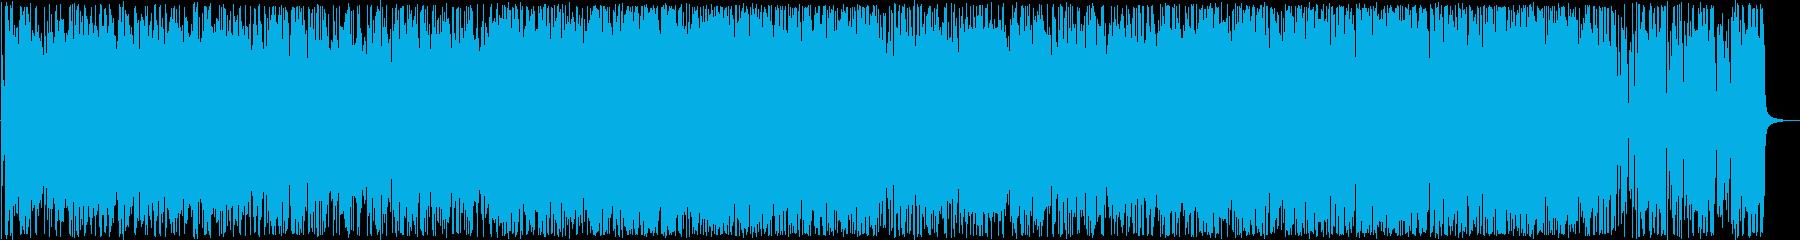 おしゃれなピアノシンセ打楽器サウンドの再生済みの波形